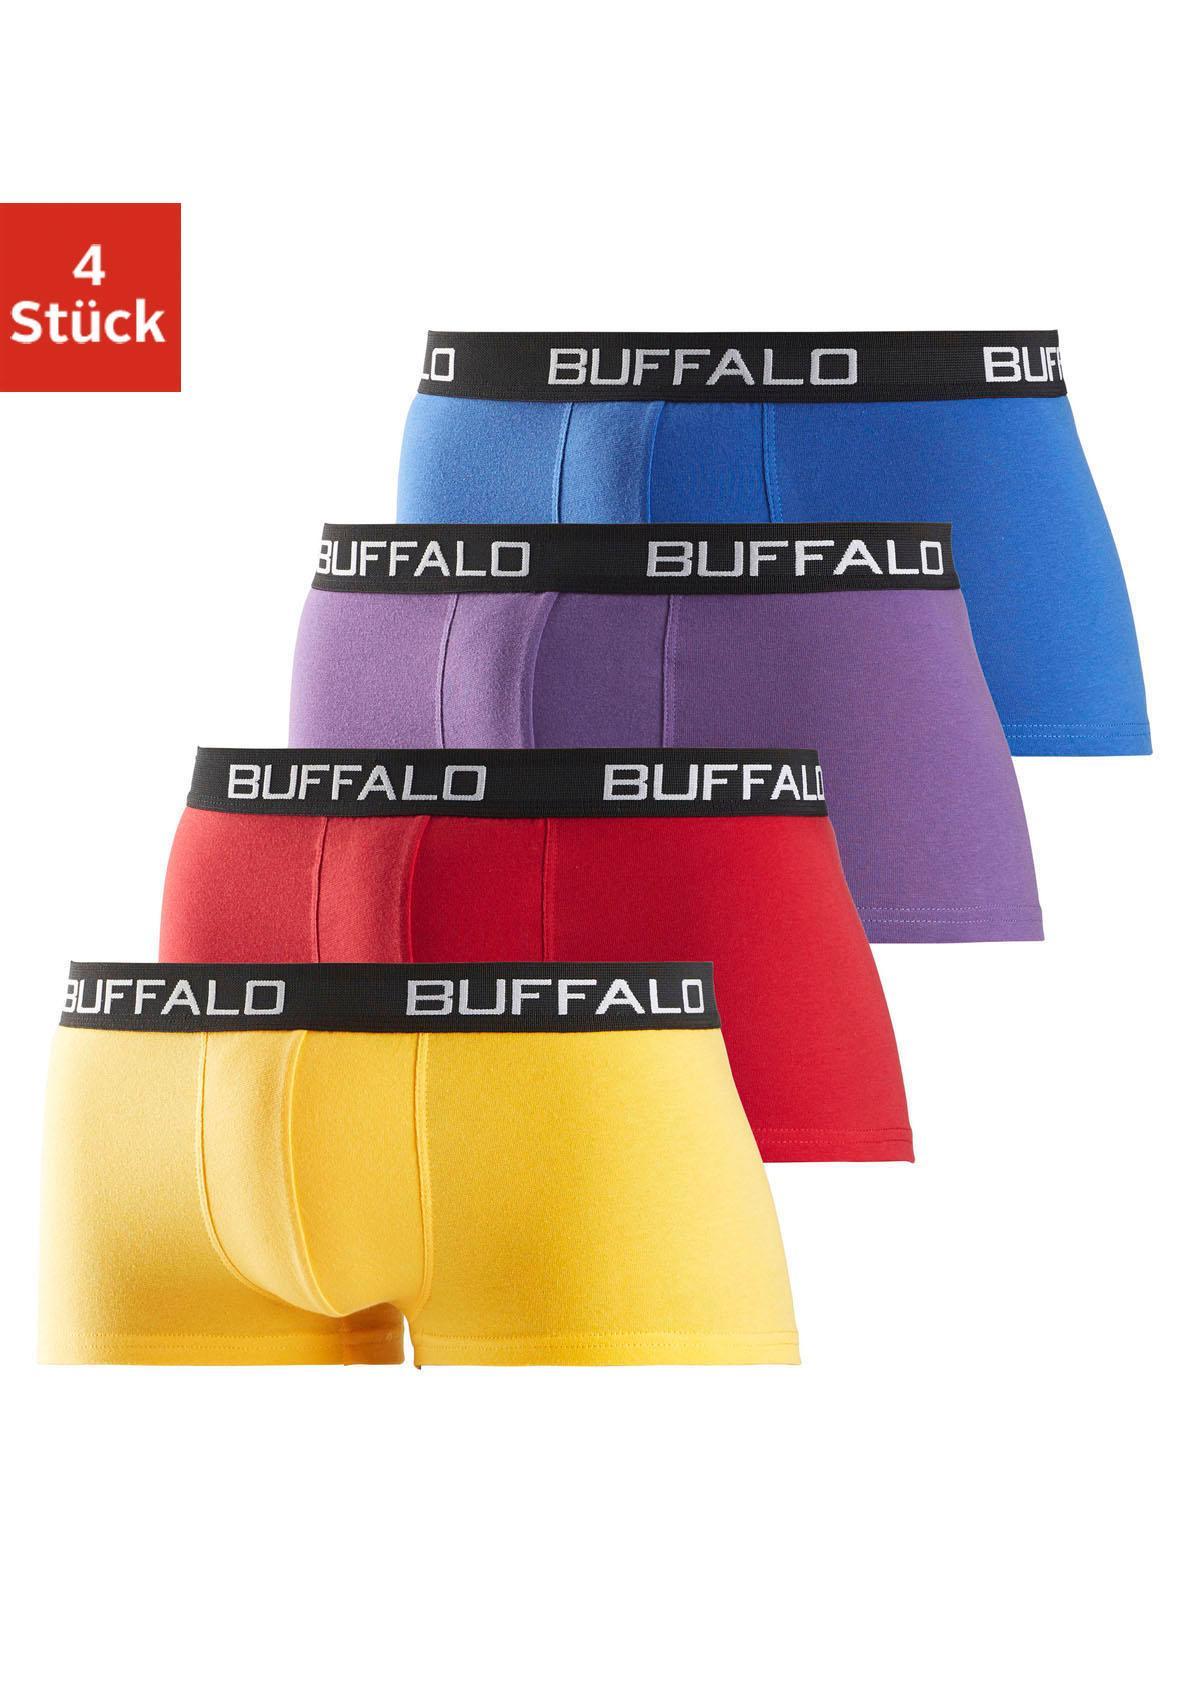 Buffalo Hipster (4 Stück)